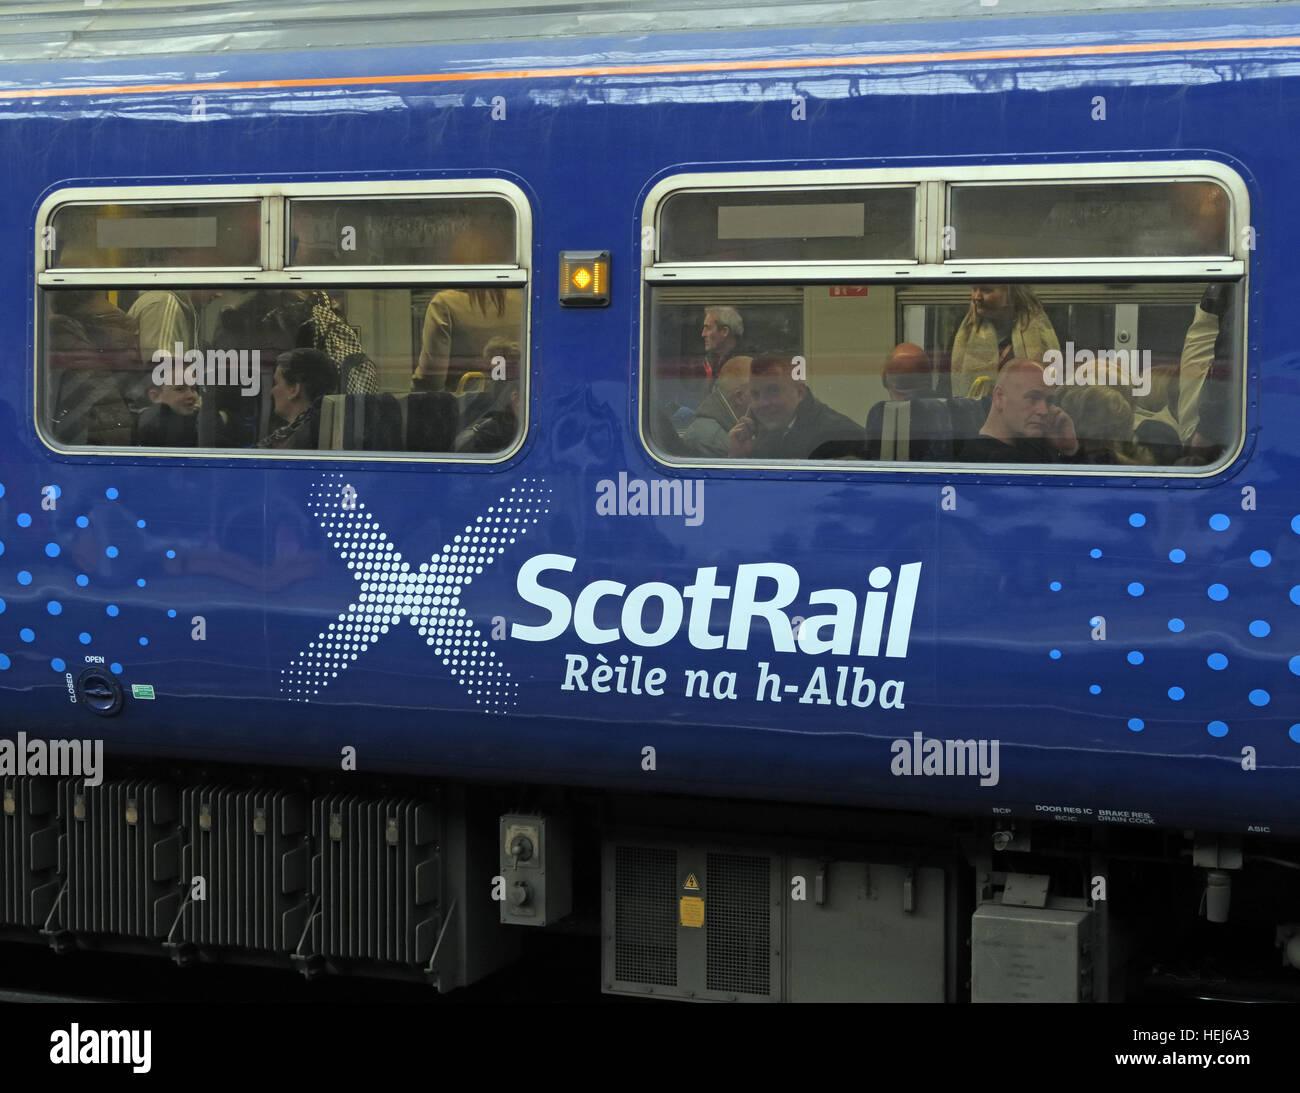 Laden Sie dieses Alamy Stockfoto ScotRail Abellio-Zug-Wagen, Petition, um wieder in Staatsbesitz, nach schlechten Service zu bringen - HEJ6A3